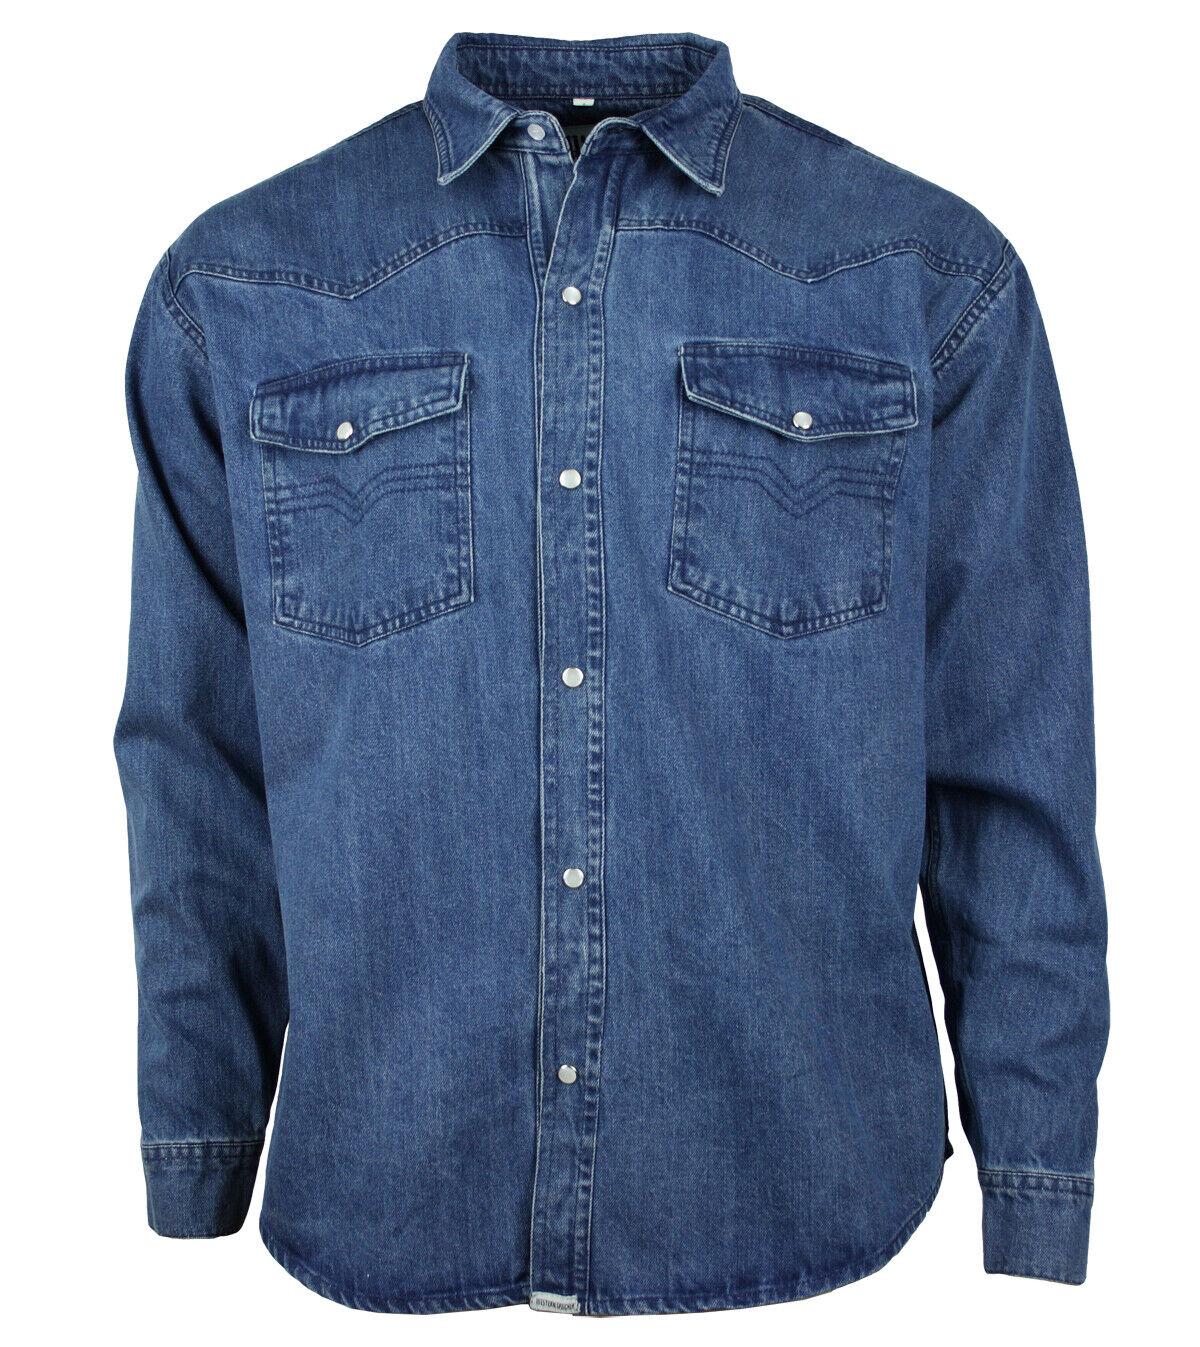 Western-memoria Denim ocio  jeans camisa algodón azul pulsadores s hasta 4xl  marcas en línea venta barata